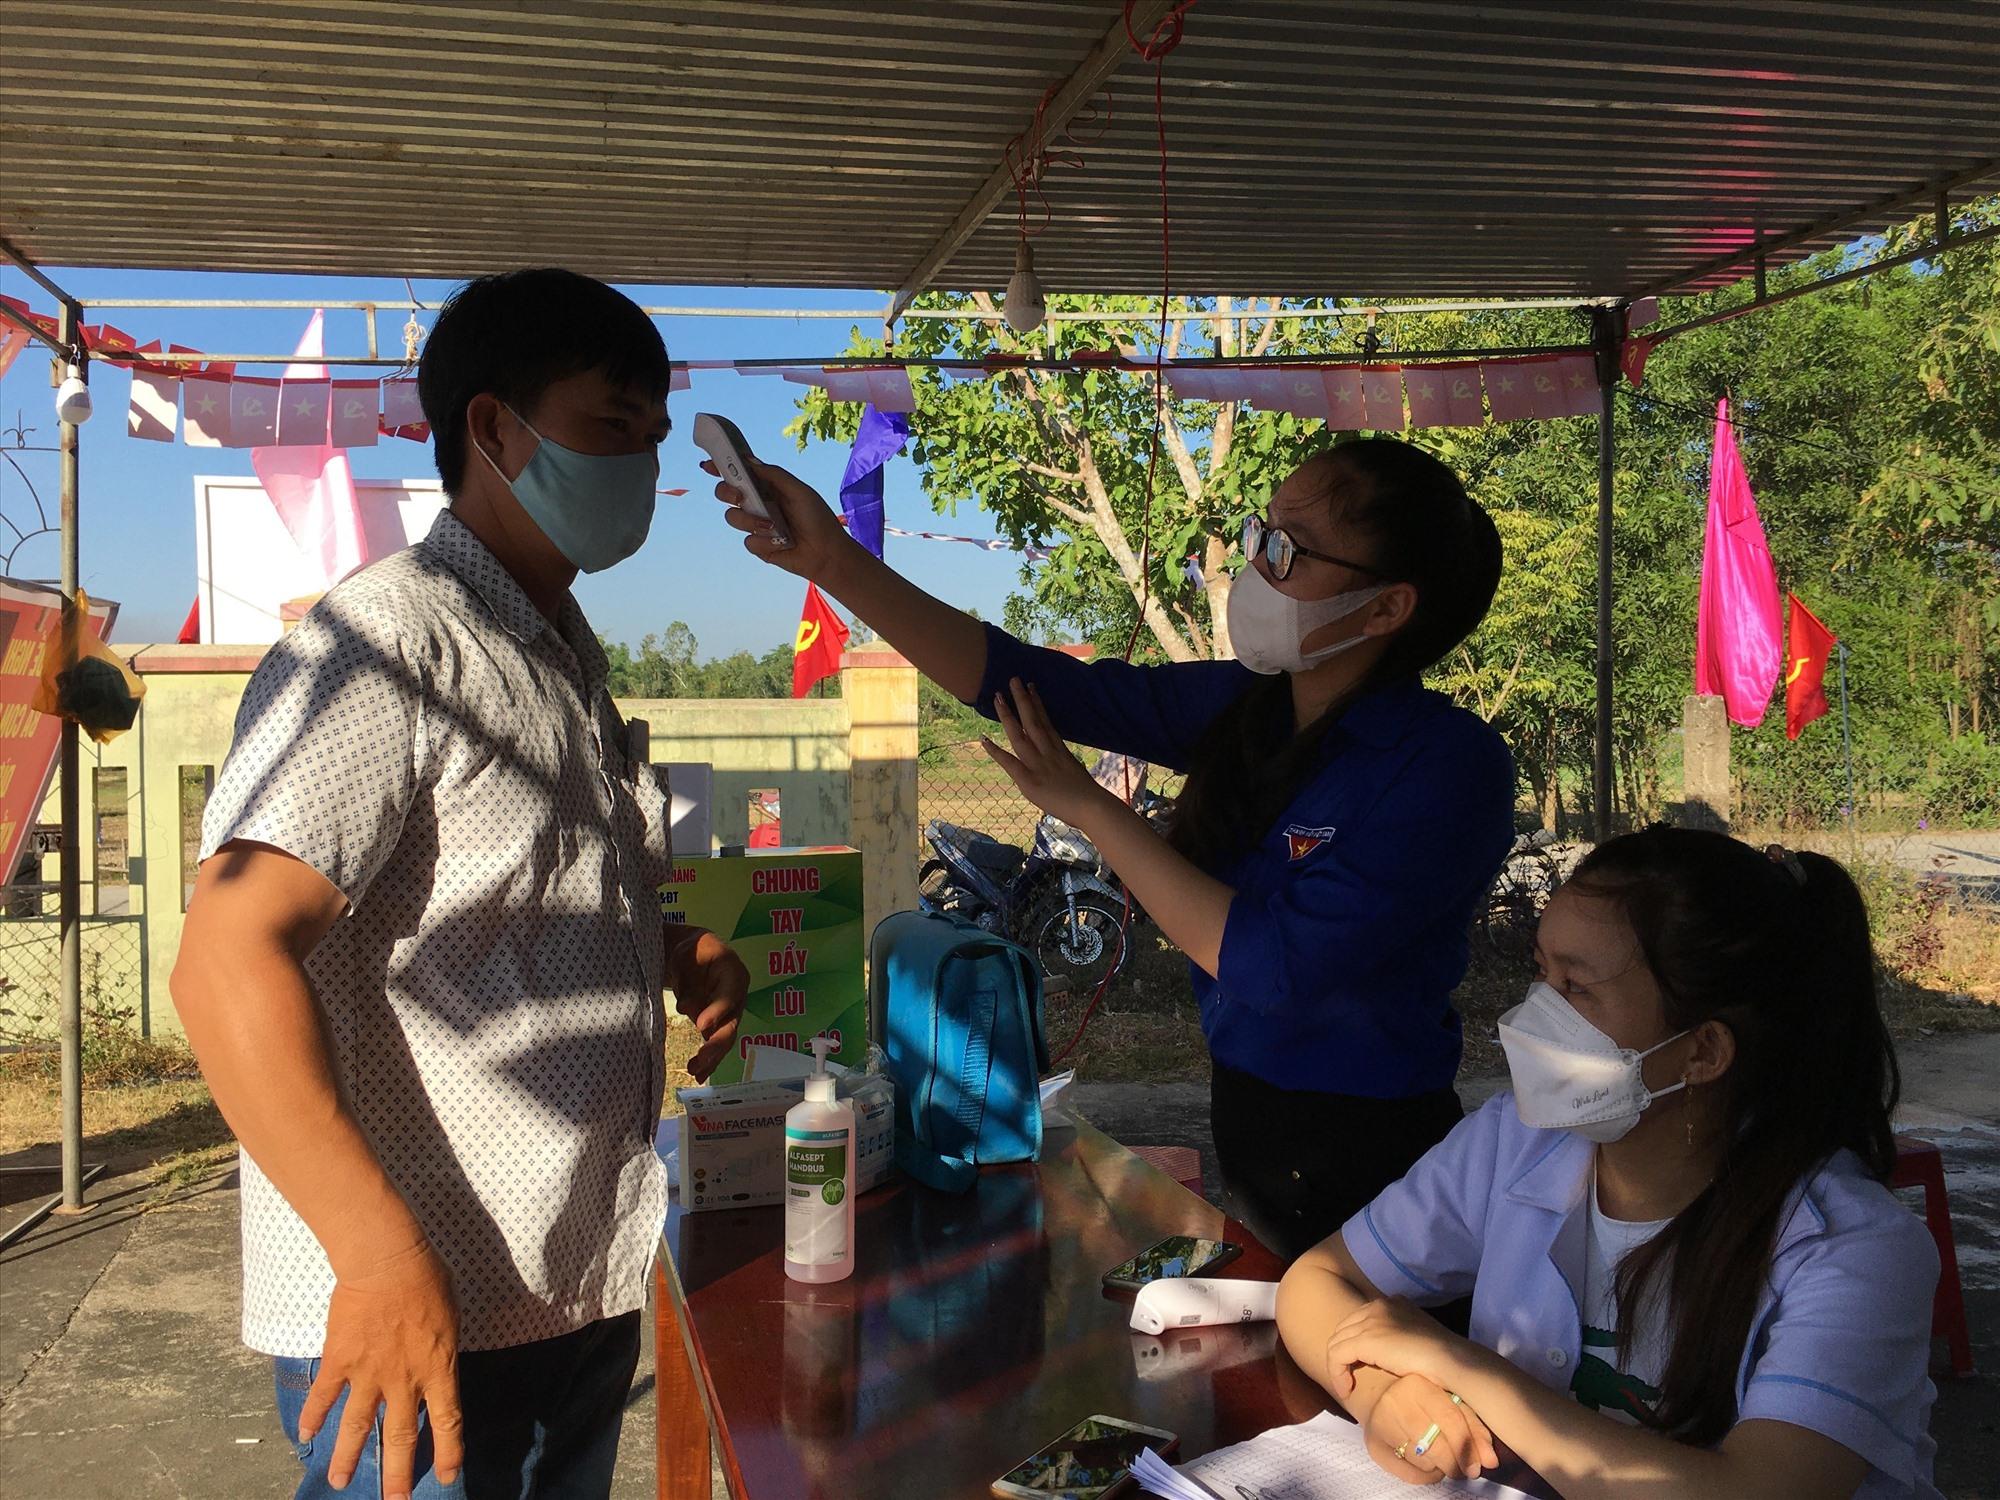 Công tác phòng chống dịch Covid-19 được thực hiện nghiêm, cử tri Phú Ninh yên tâm đi bỏ phiếu bầu cử.